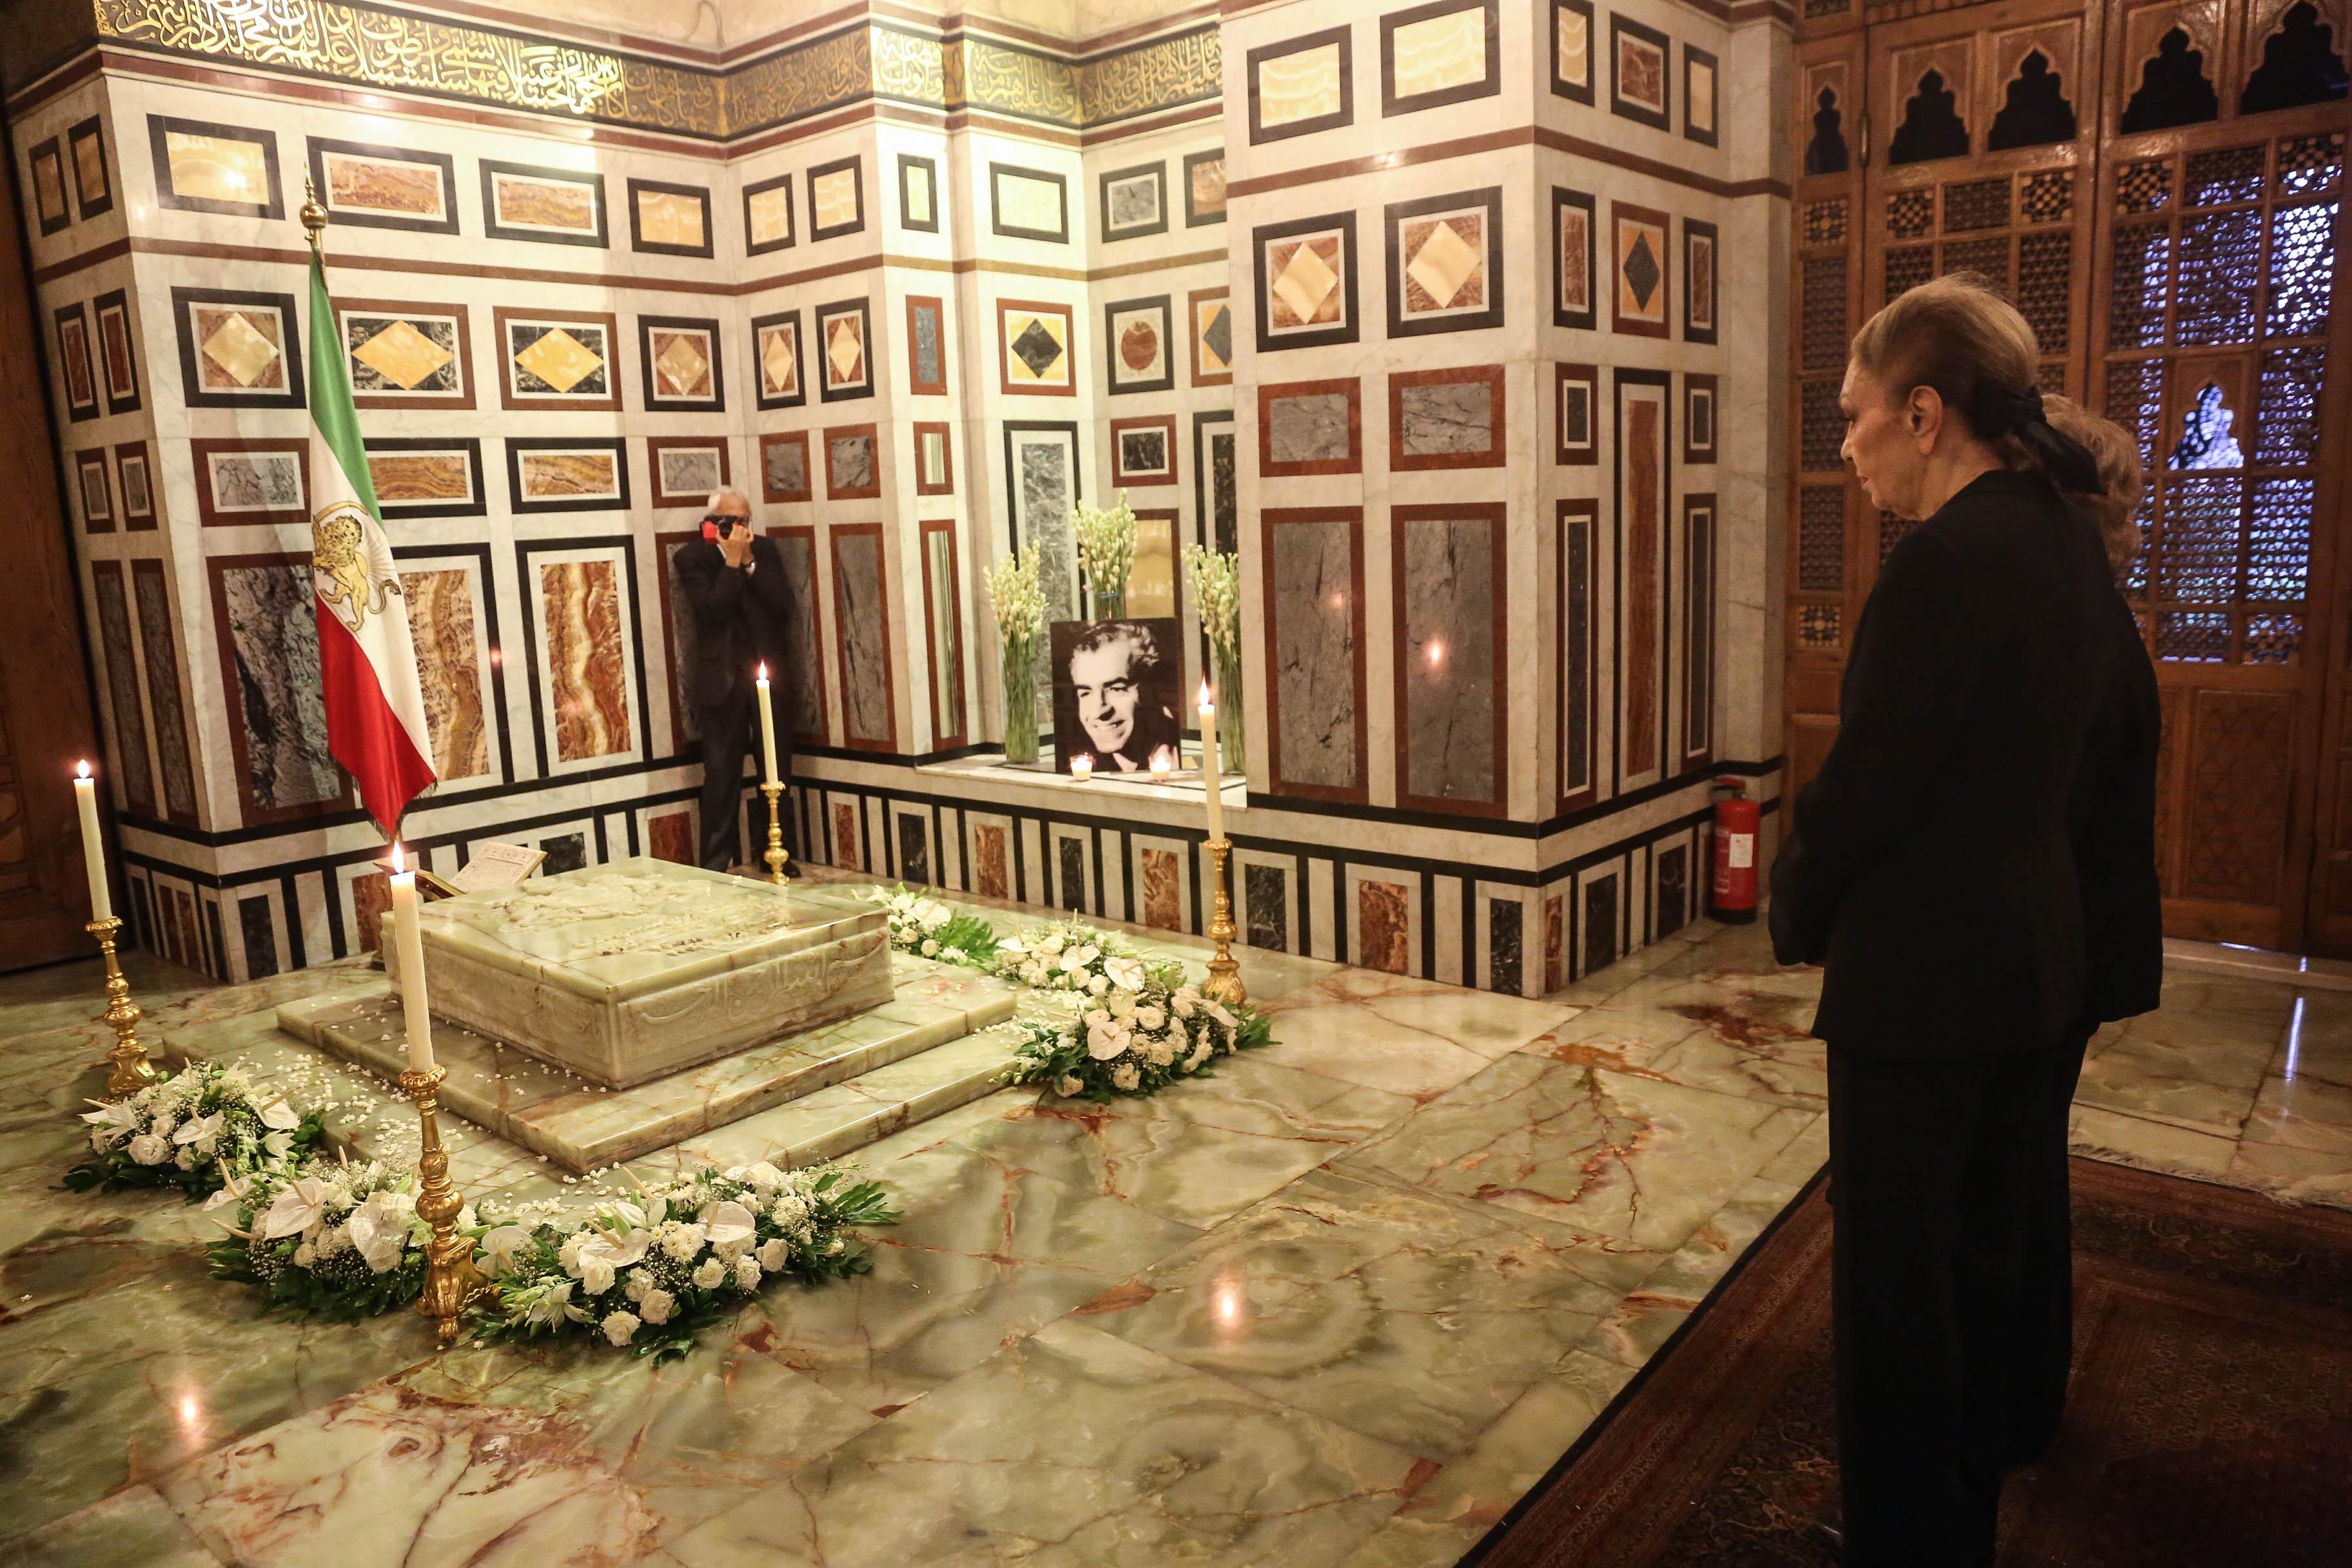 فرح ديبا وجيهان السادات تقرآن الفاتحة على قبر الشاه ويلتقط الصور التذكارية لهما كامبيز آتاباي مساعد الشهبانو